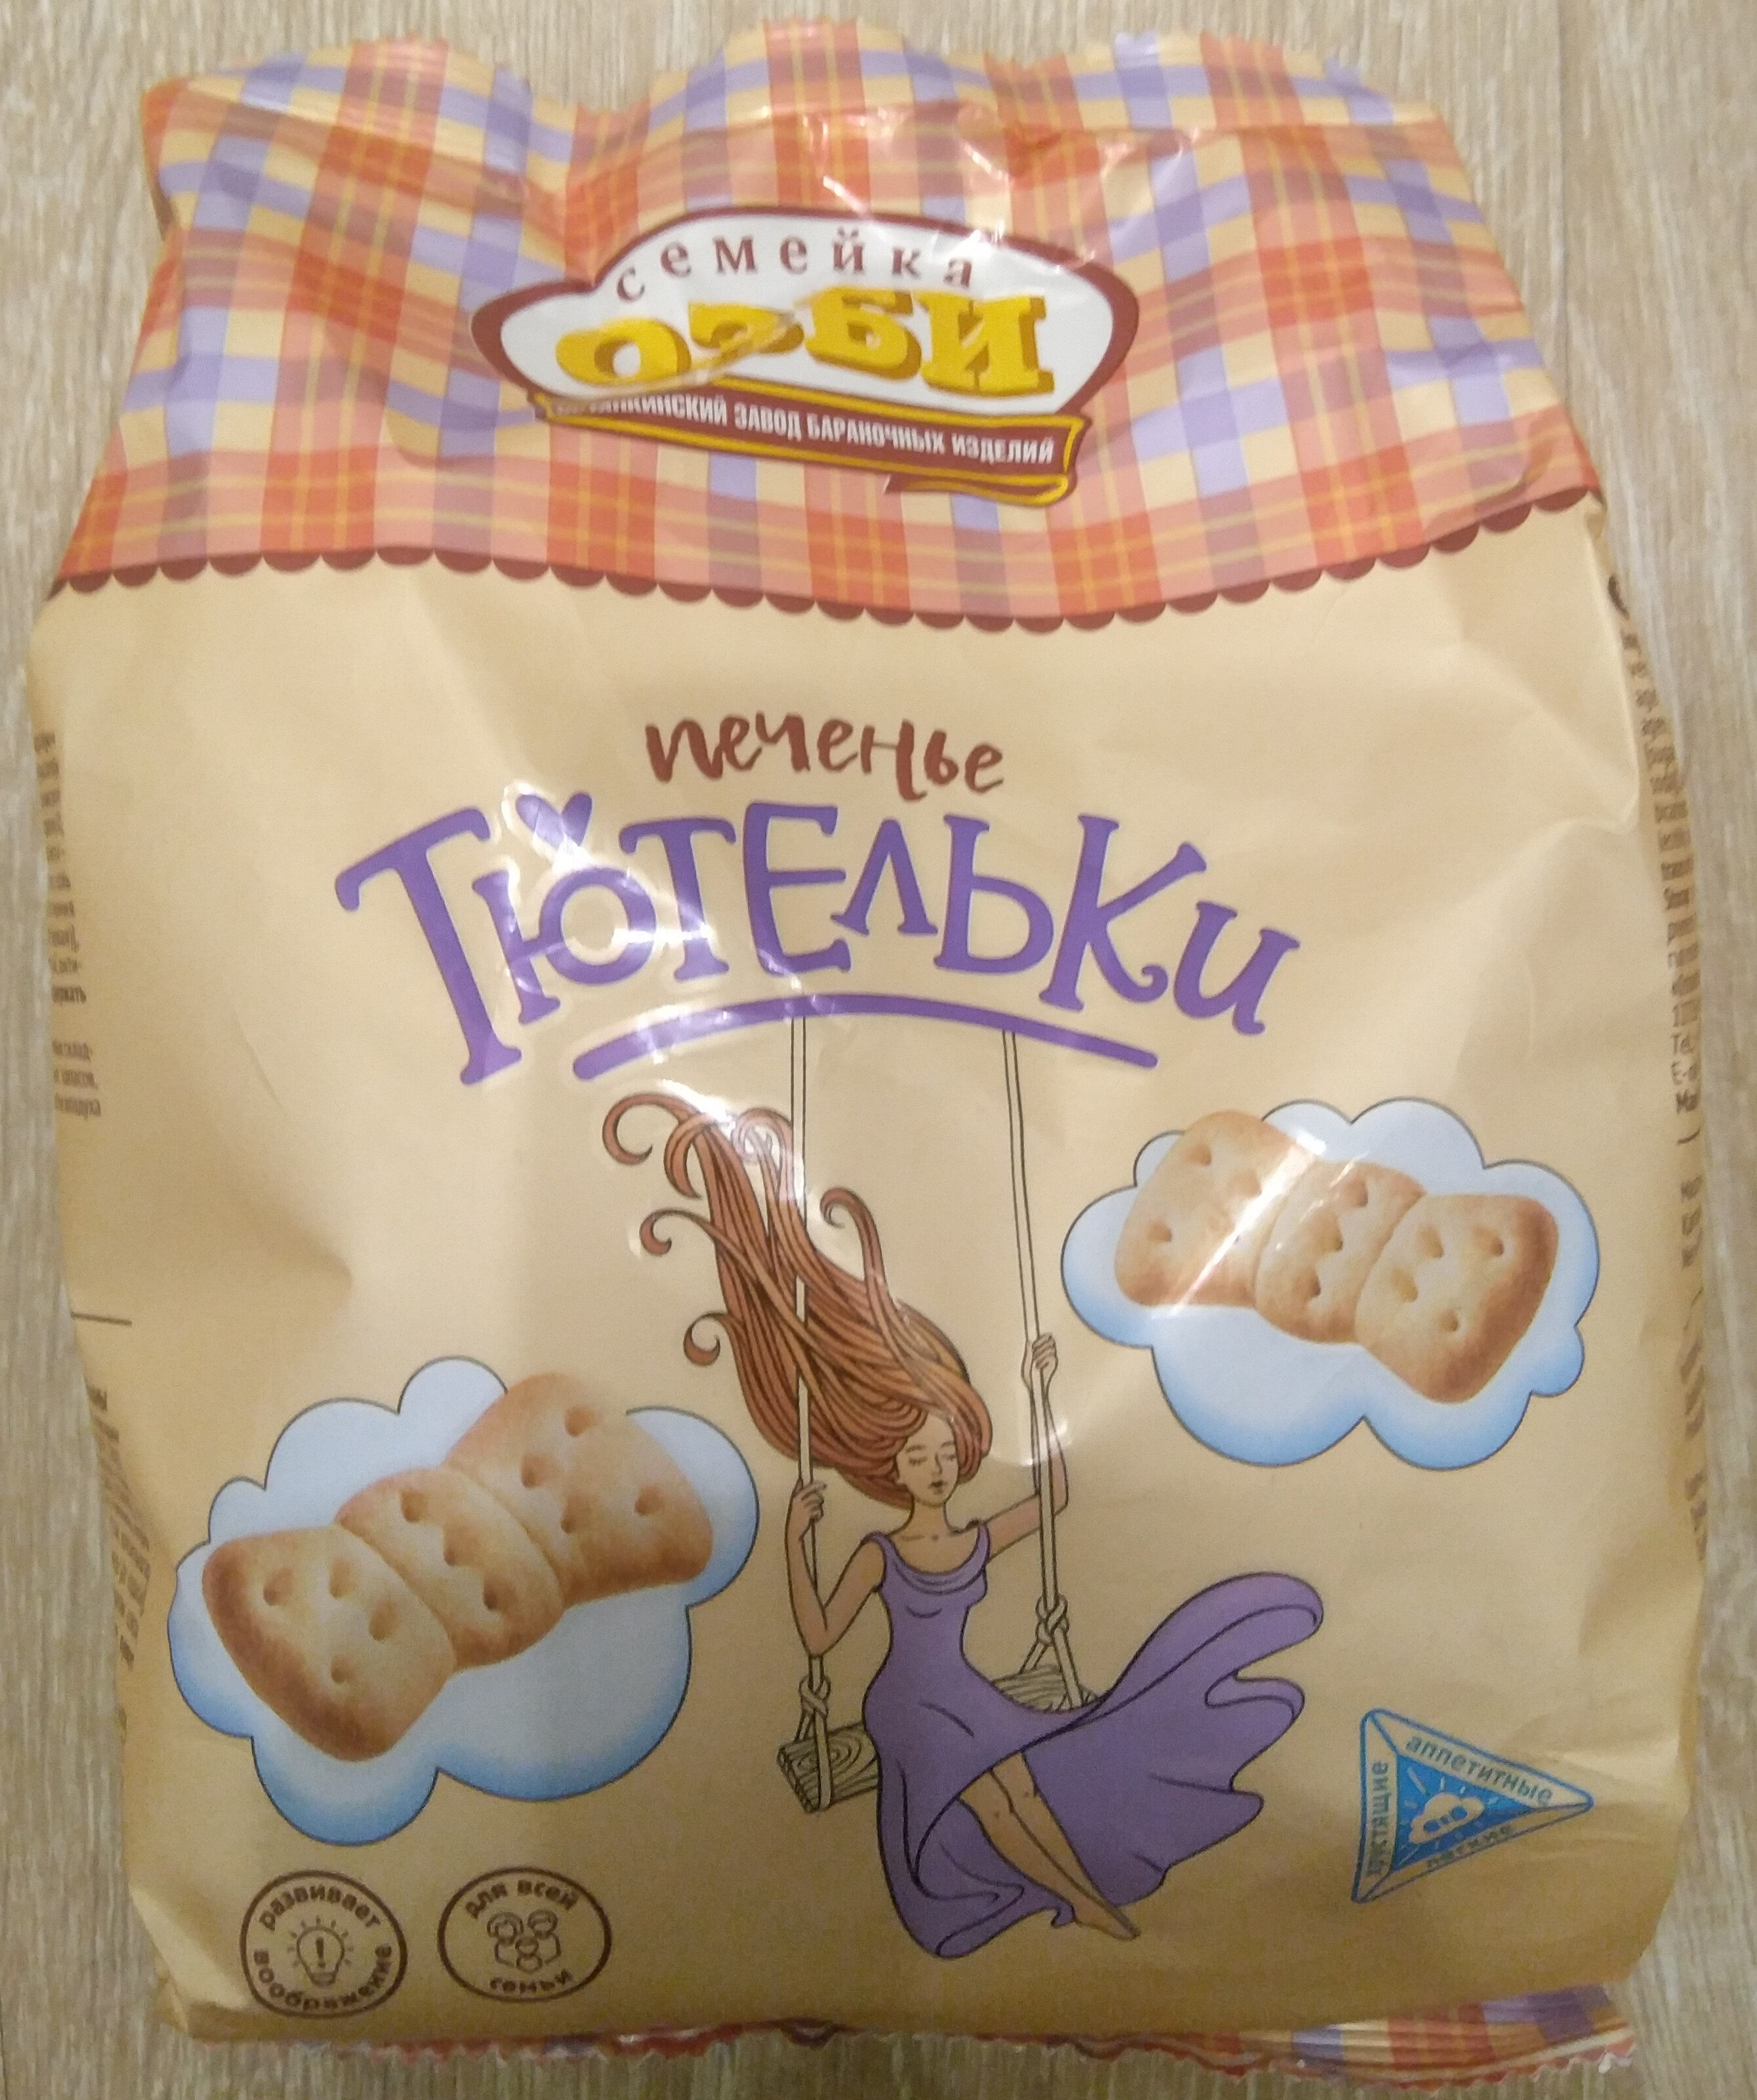 Печенье затяжное «Тютельки» - Продукт - ru